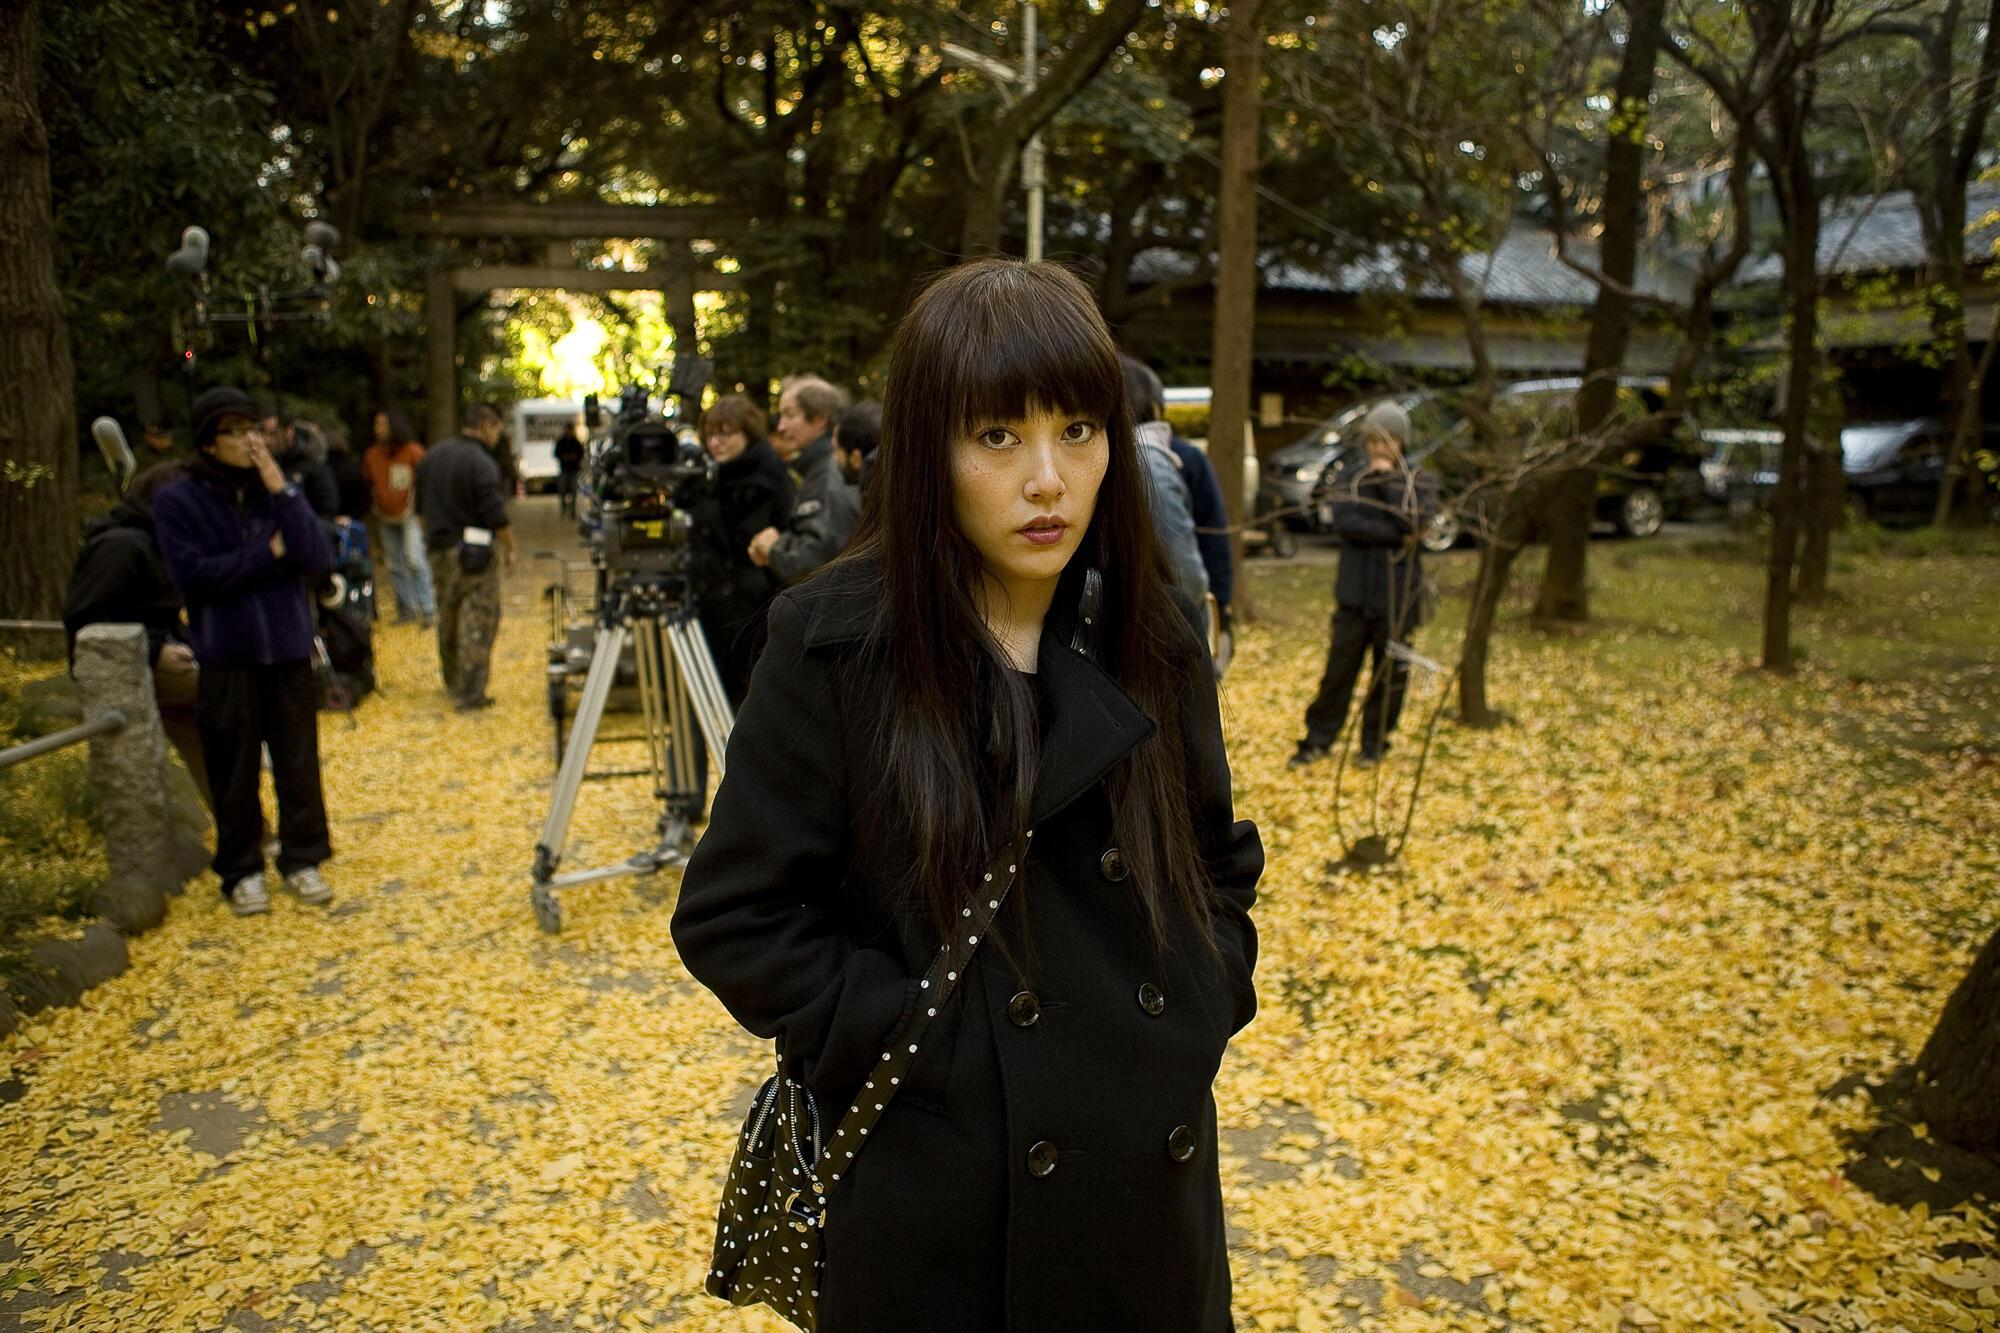 eine karte der klänge von tokio Eine Karte der Klänge von Tokio | Bild 13 von 15 | Moviepilot.de